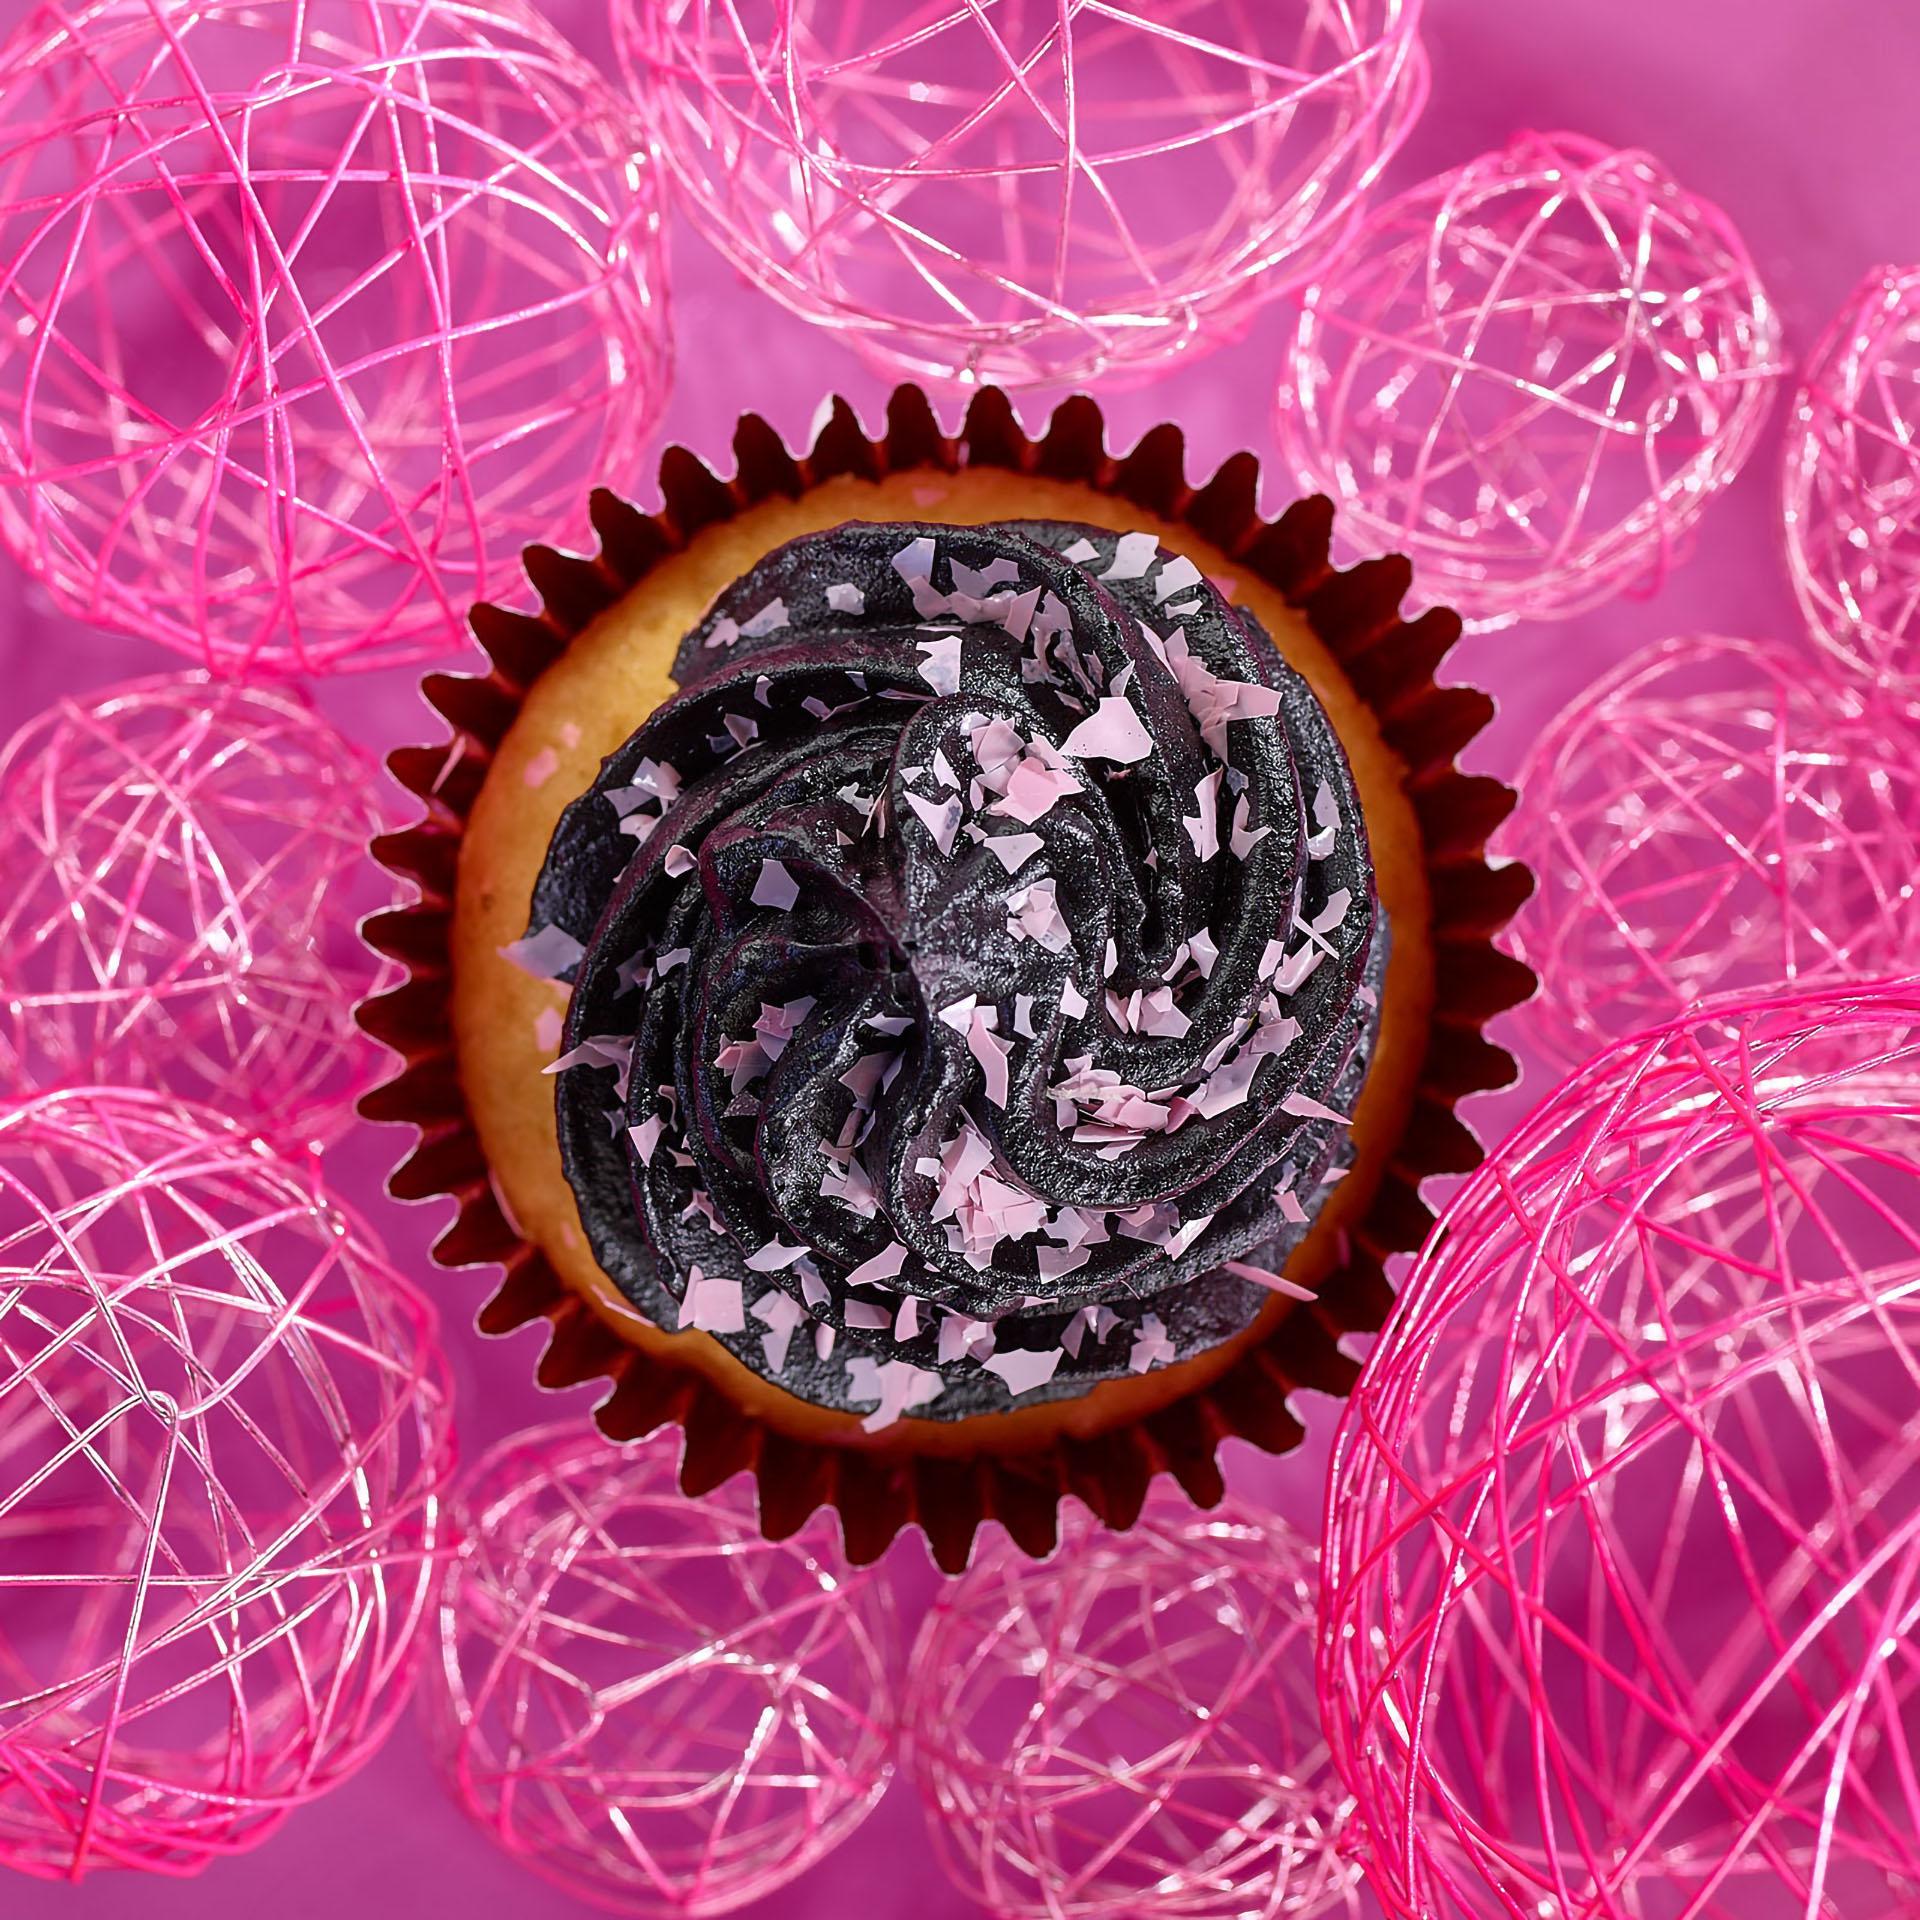 Fotodesign-matthias-schütz-muffin-shredder-pink